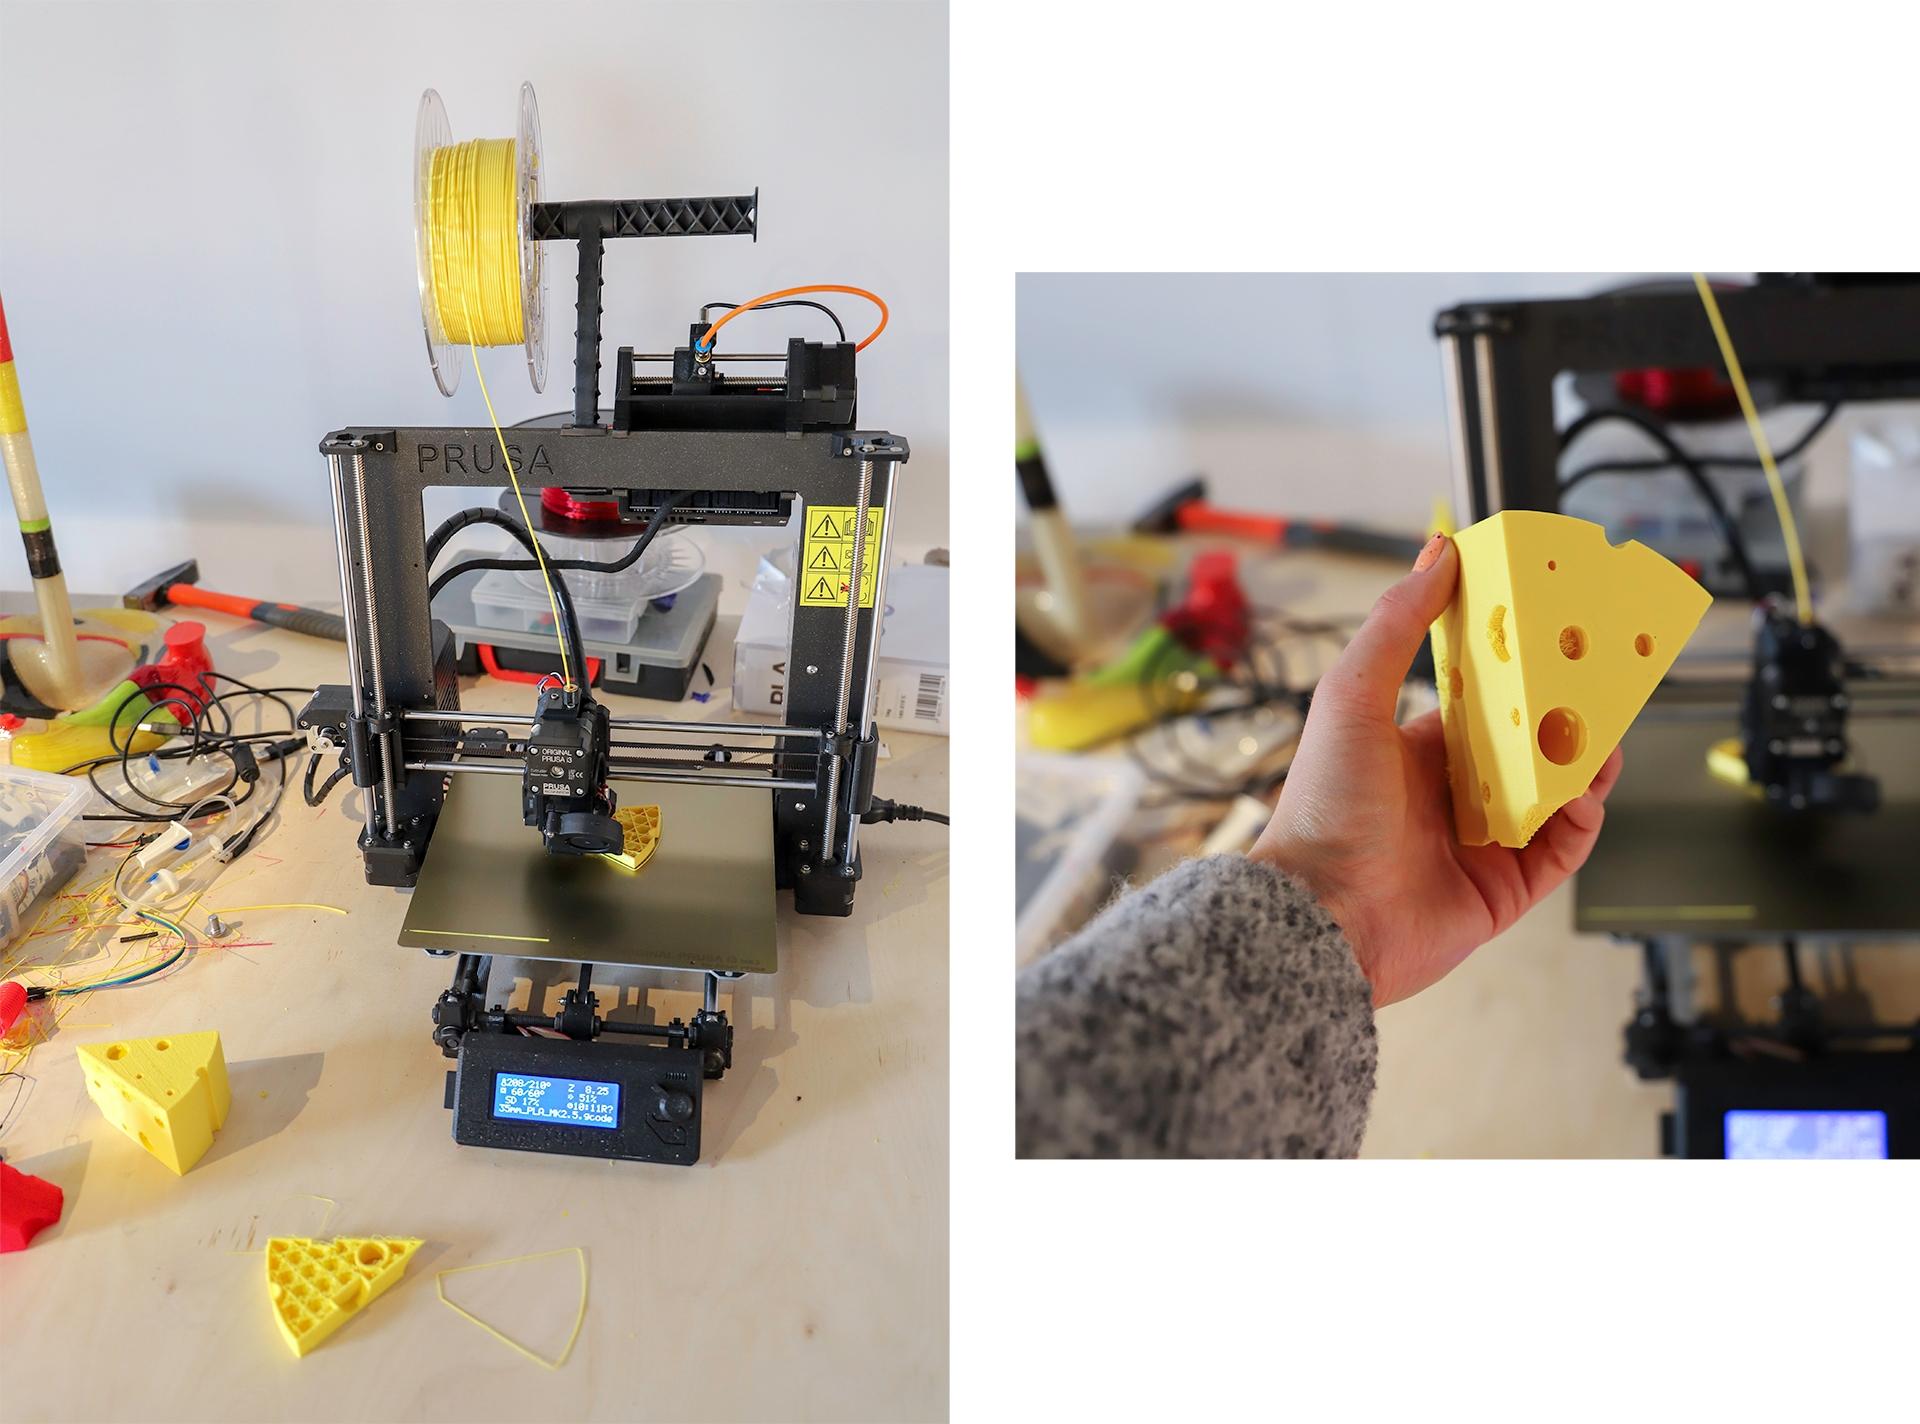 Obraz przedstawia dwa zdjęcia drukarki 3d, która jest w trakcie druku modelu żółtego sera.